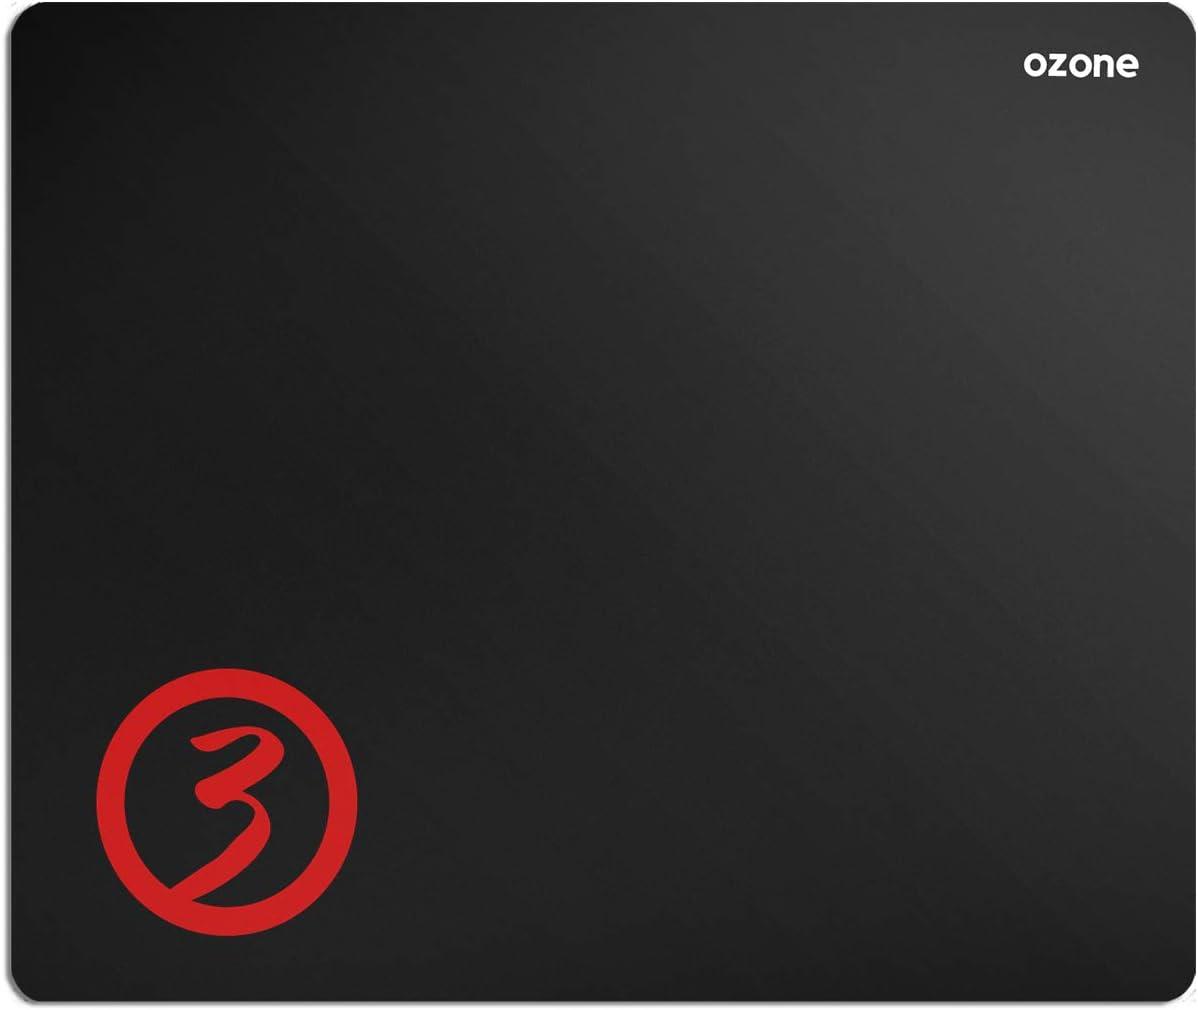 Alfombrilla Gaming Ozone Ground Level M - Diseño Gamer - Tamaño Intermedio - Ergonomica, Superficie Tela Suave, Base de Goma, Antideslizante, Negro